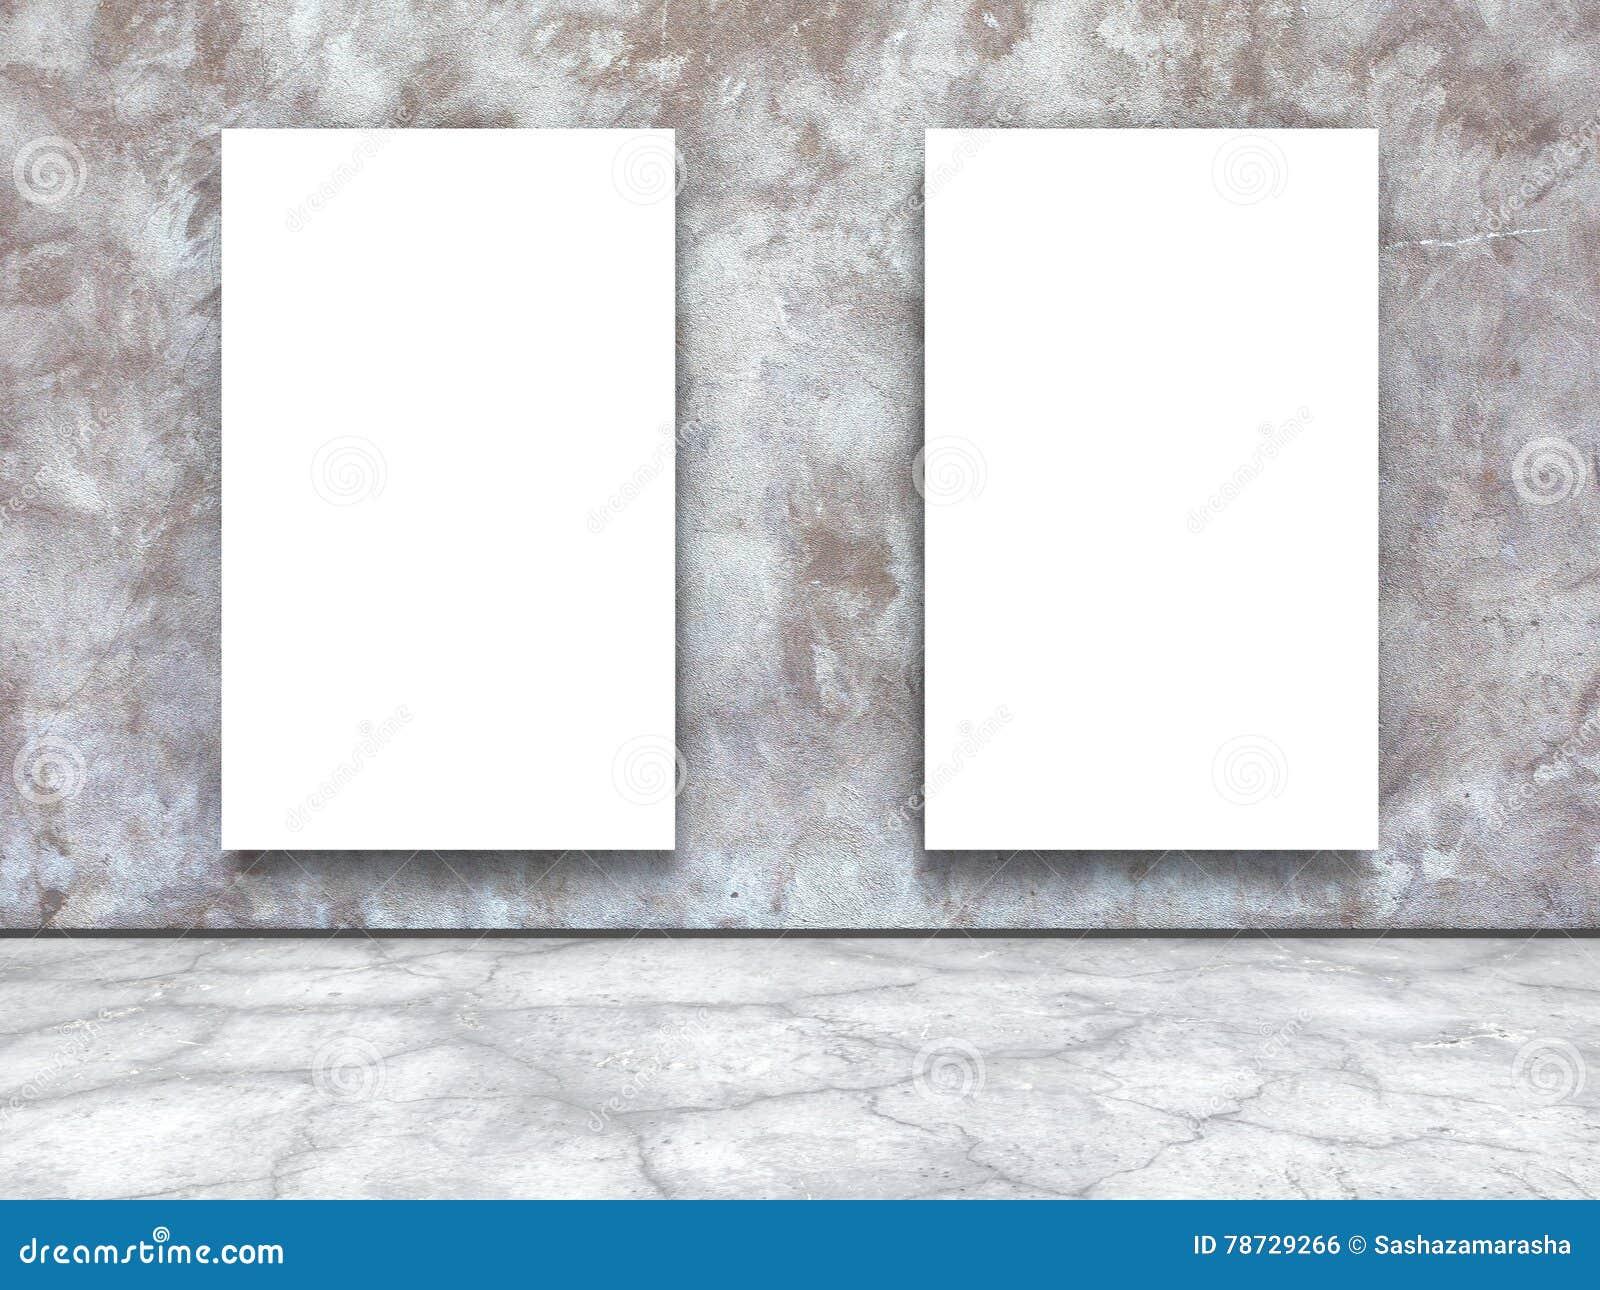 Två tomma affischer på betongväggen